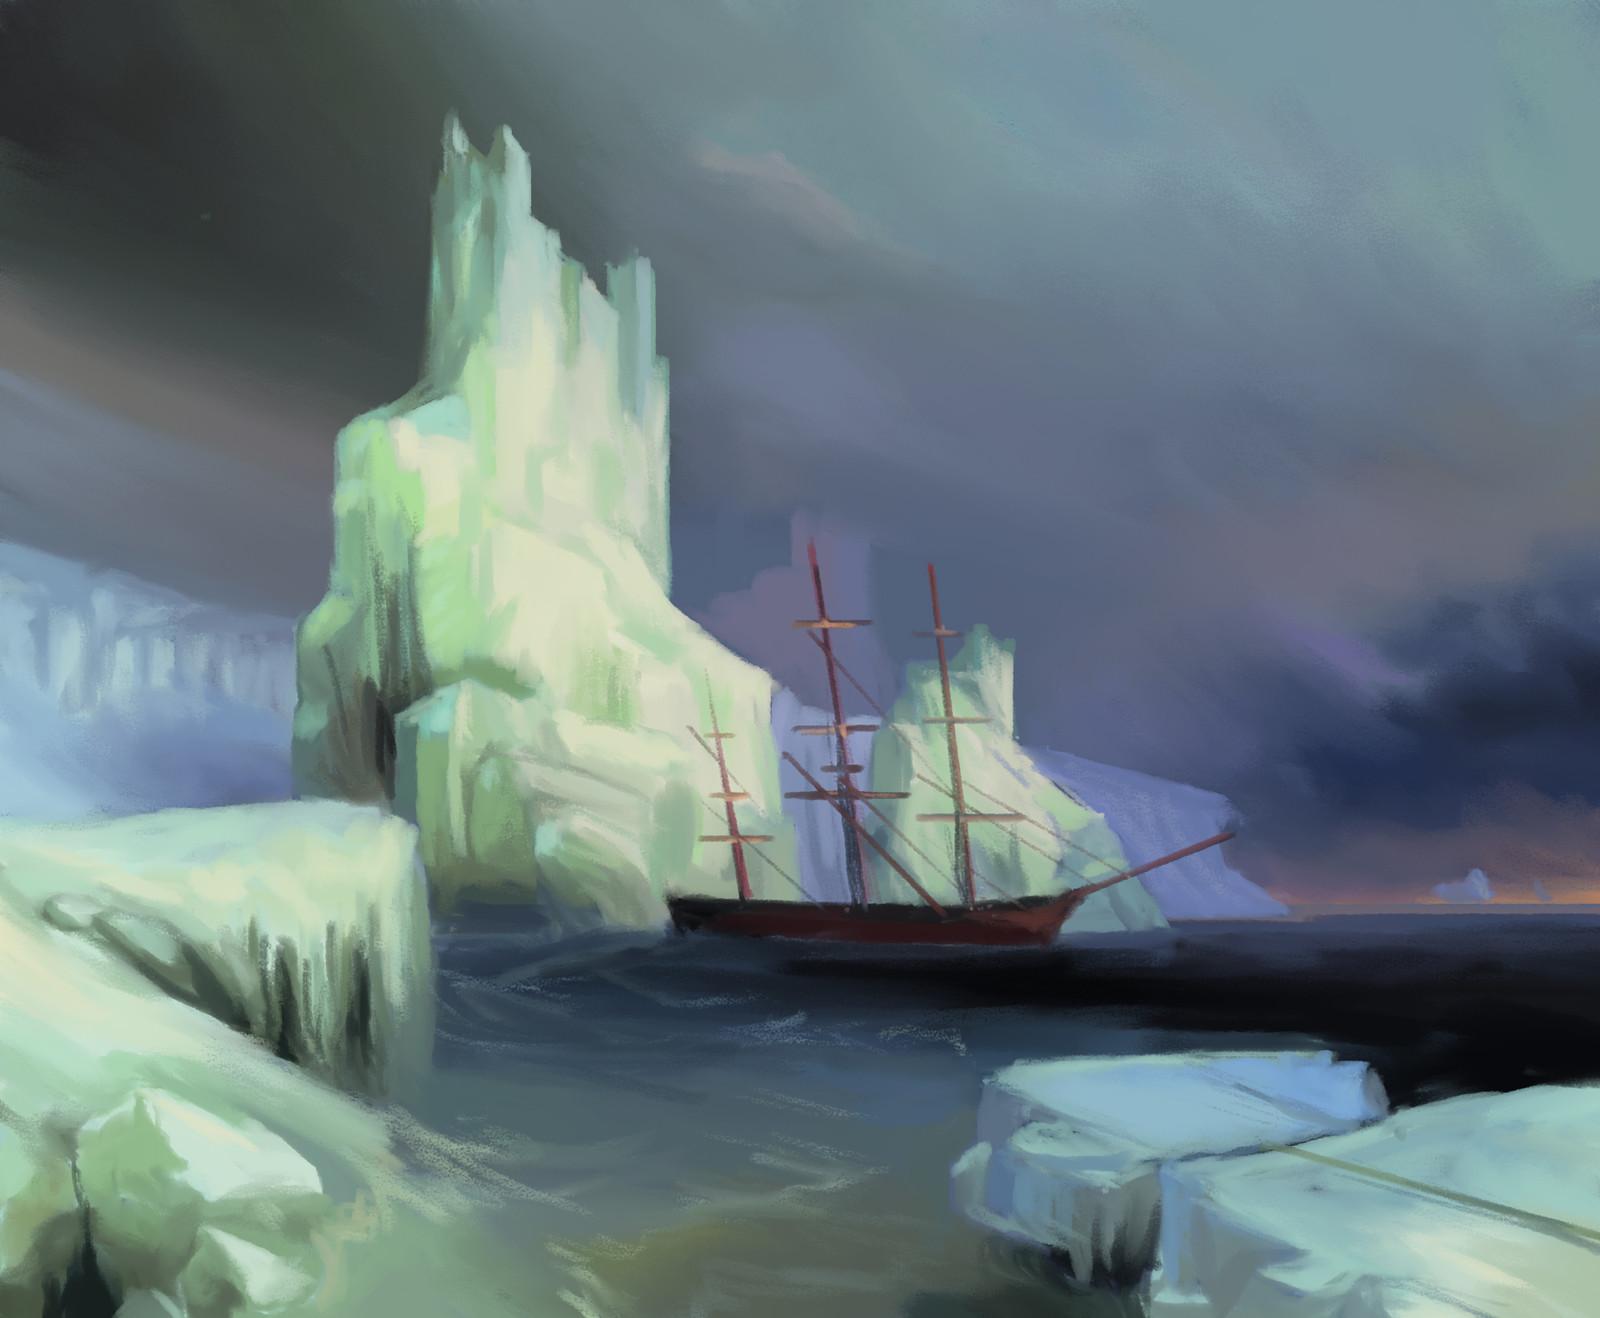 Ivan Aivazovsky: Icebergs In The Atlantic - Study